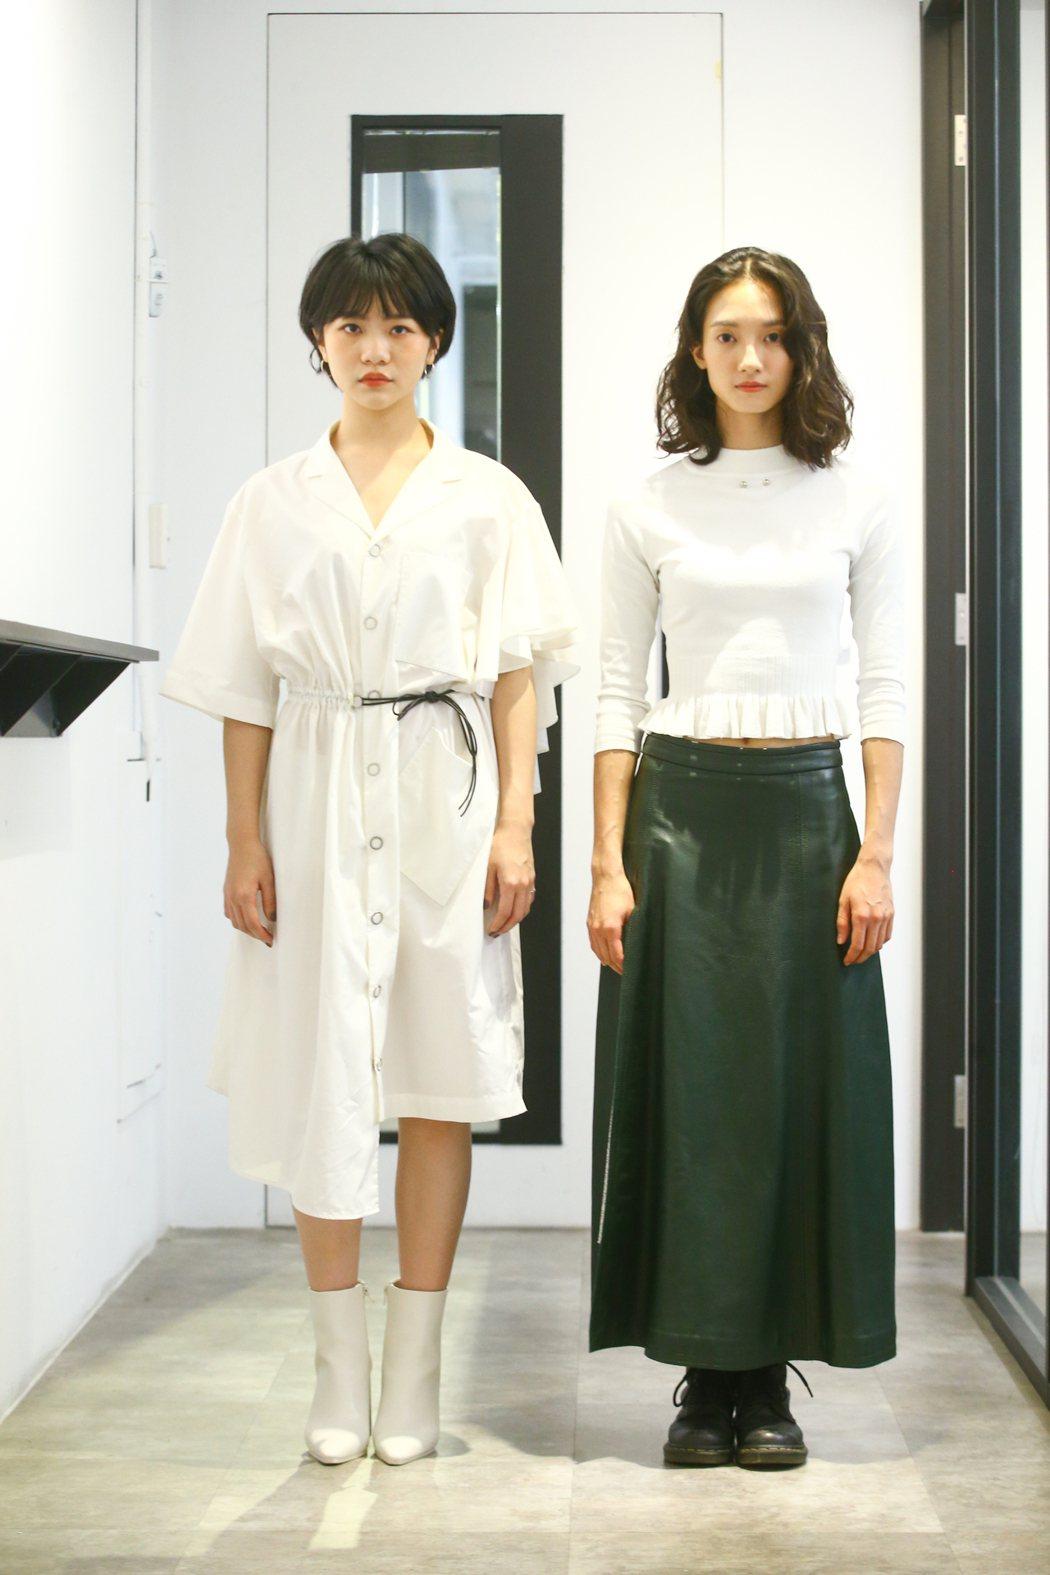 韓寧(右)、李玲葦在「返校」影集中分飾學姊、學妹。記者葉信菉/攝影